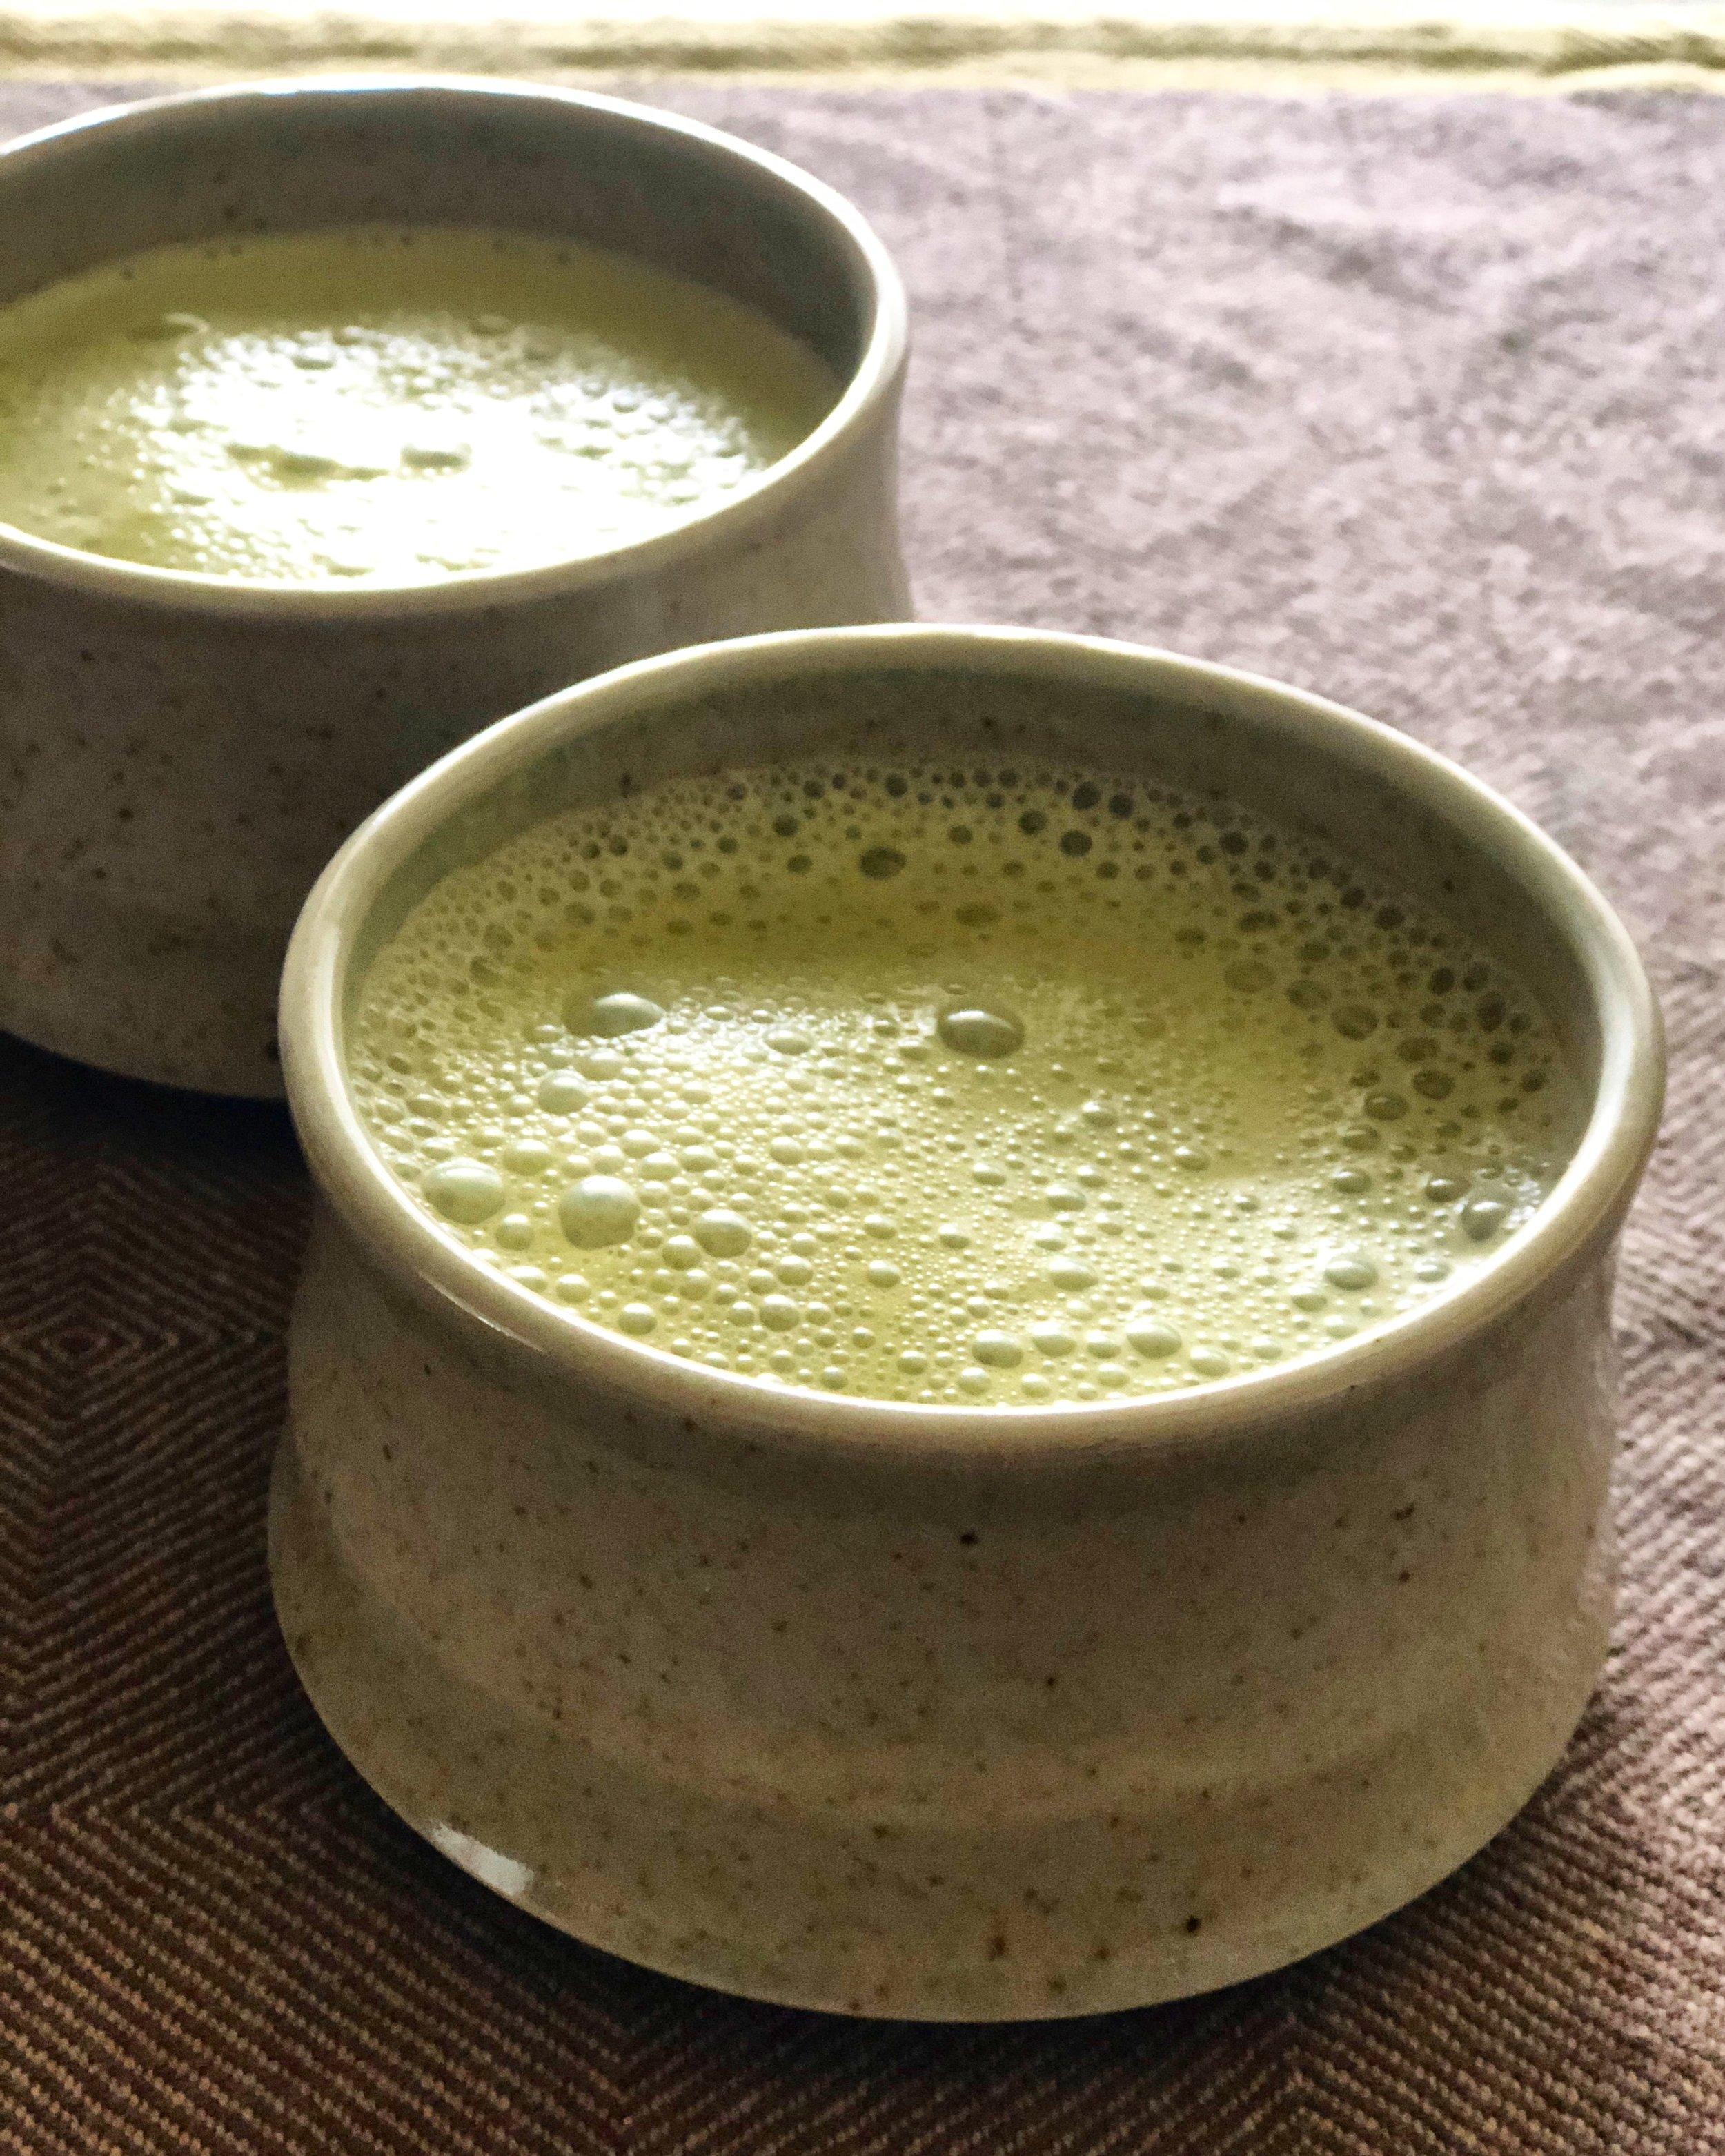 Enjoying some Matcha Tea Lattes in my dad's ceramic mugs... :)